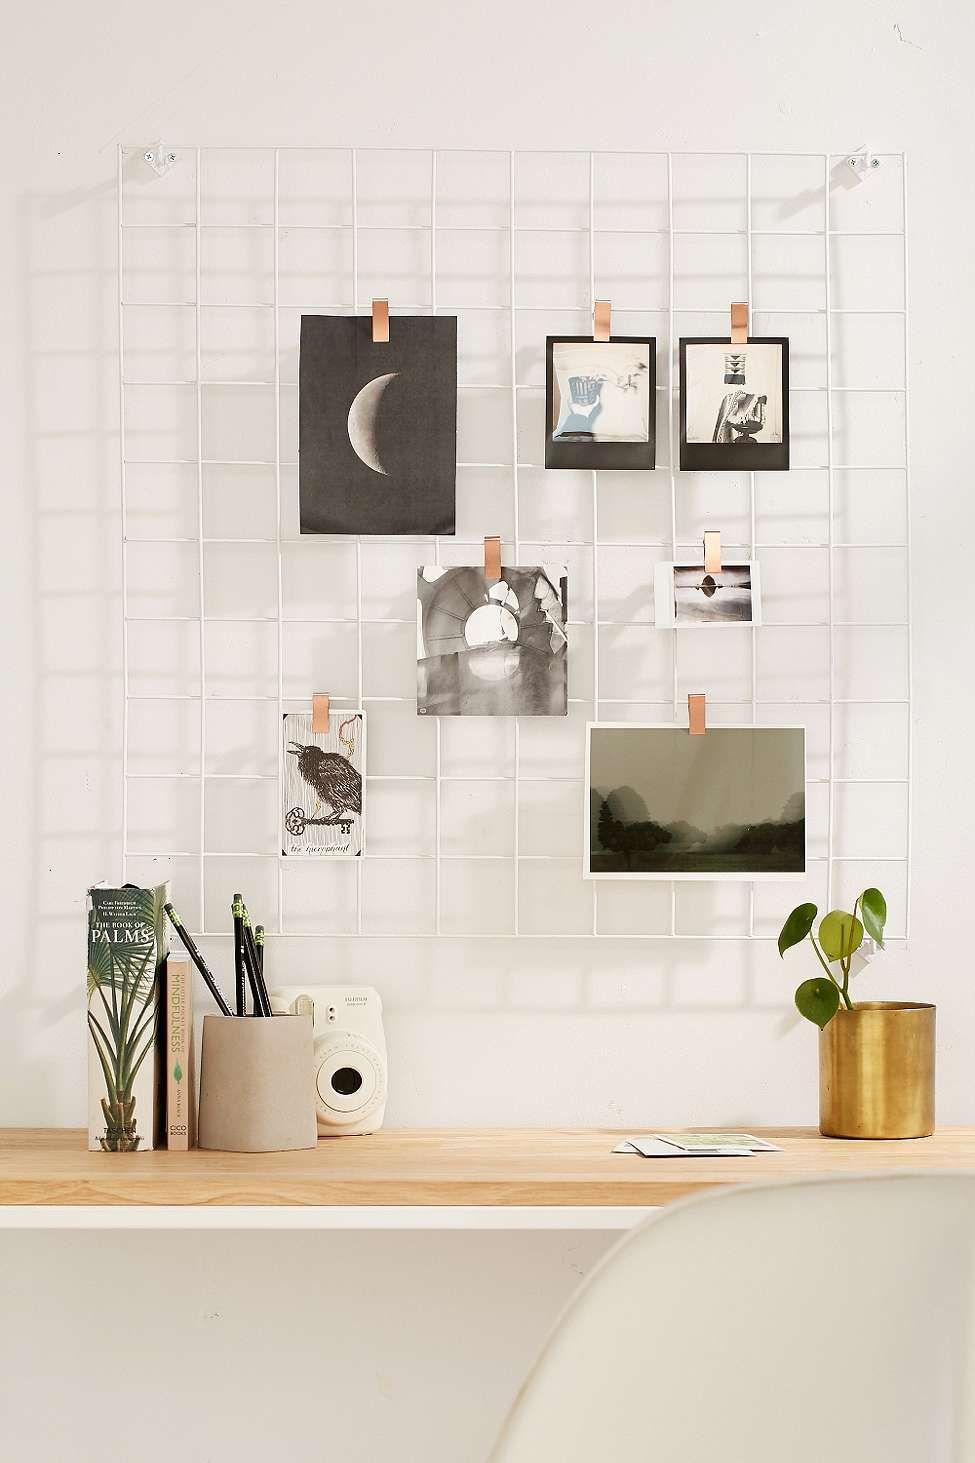 wandgitter im drahtdesign   schreibtische, schöner wohnen und wohnen, Schlafzimmer entwurf